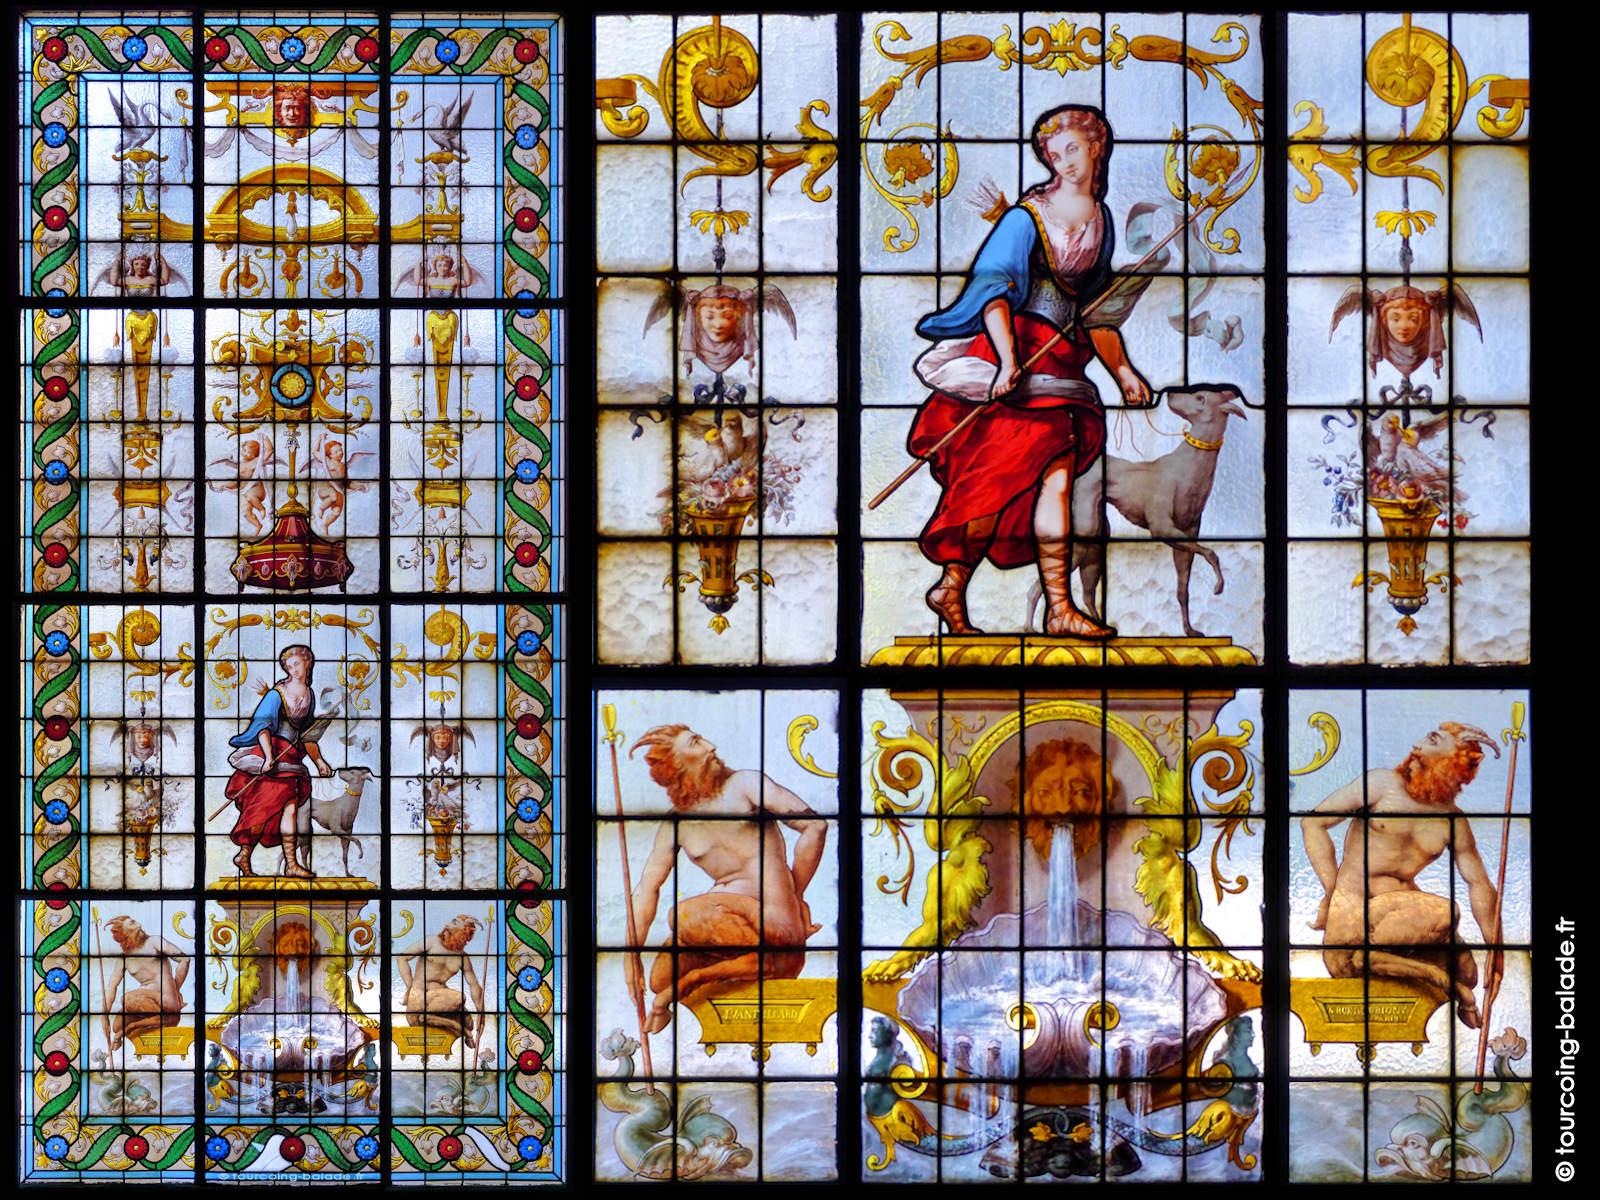 Vitrail Vantillard 1890 - Diane et Satyres